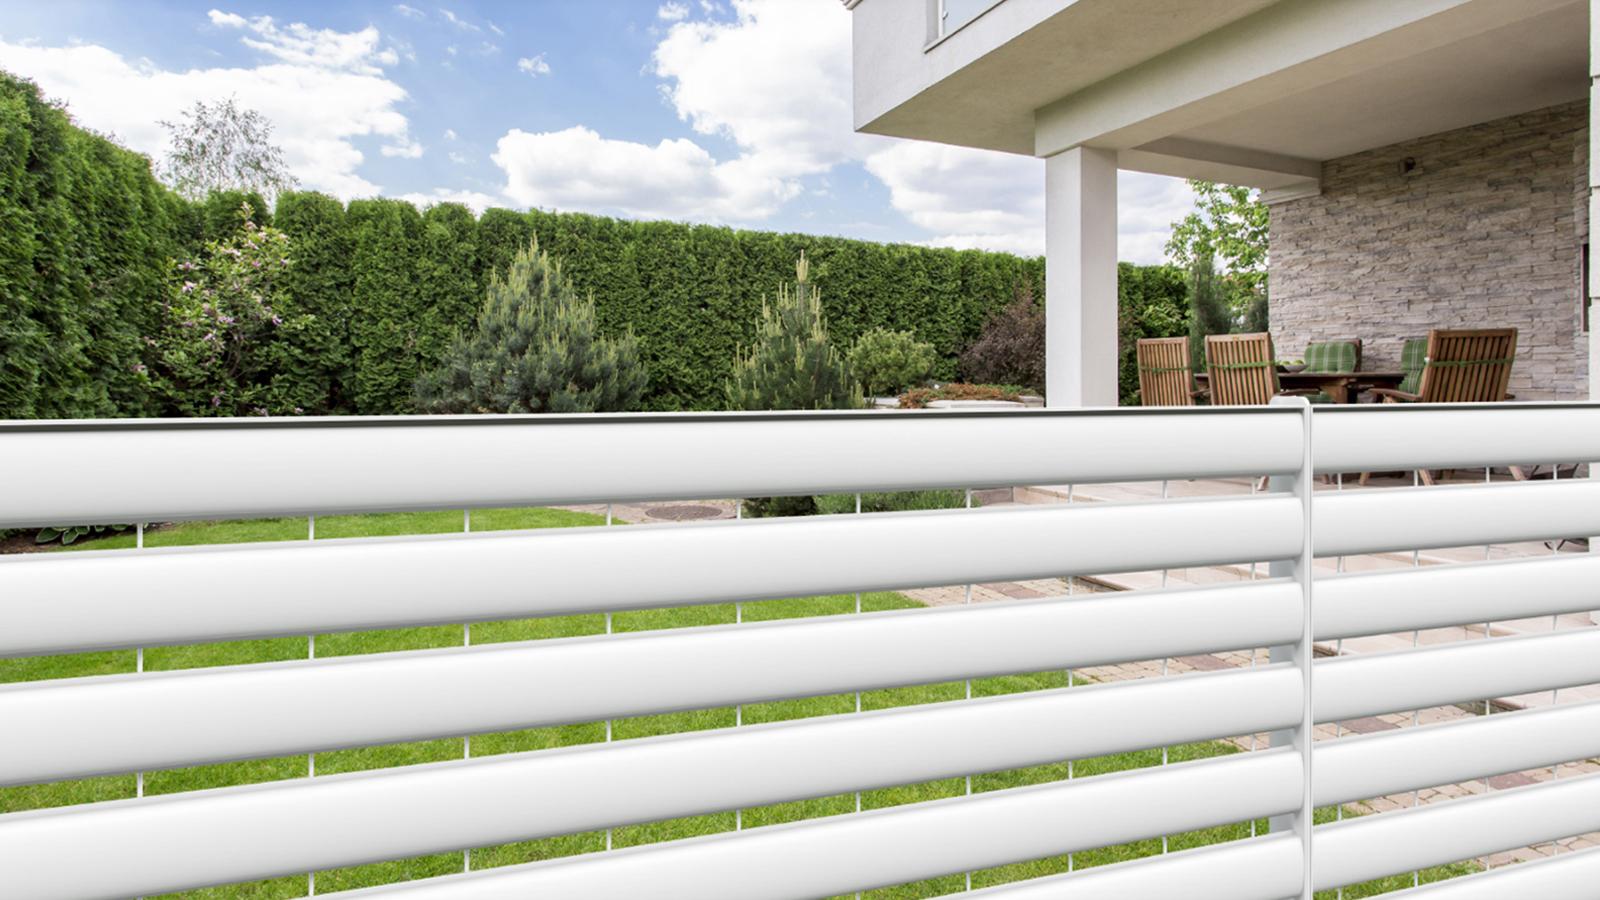 Cancelli e recinzioni - Modello Linear piano orizzontale